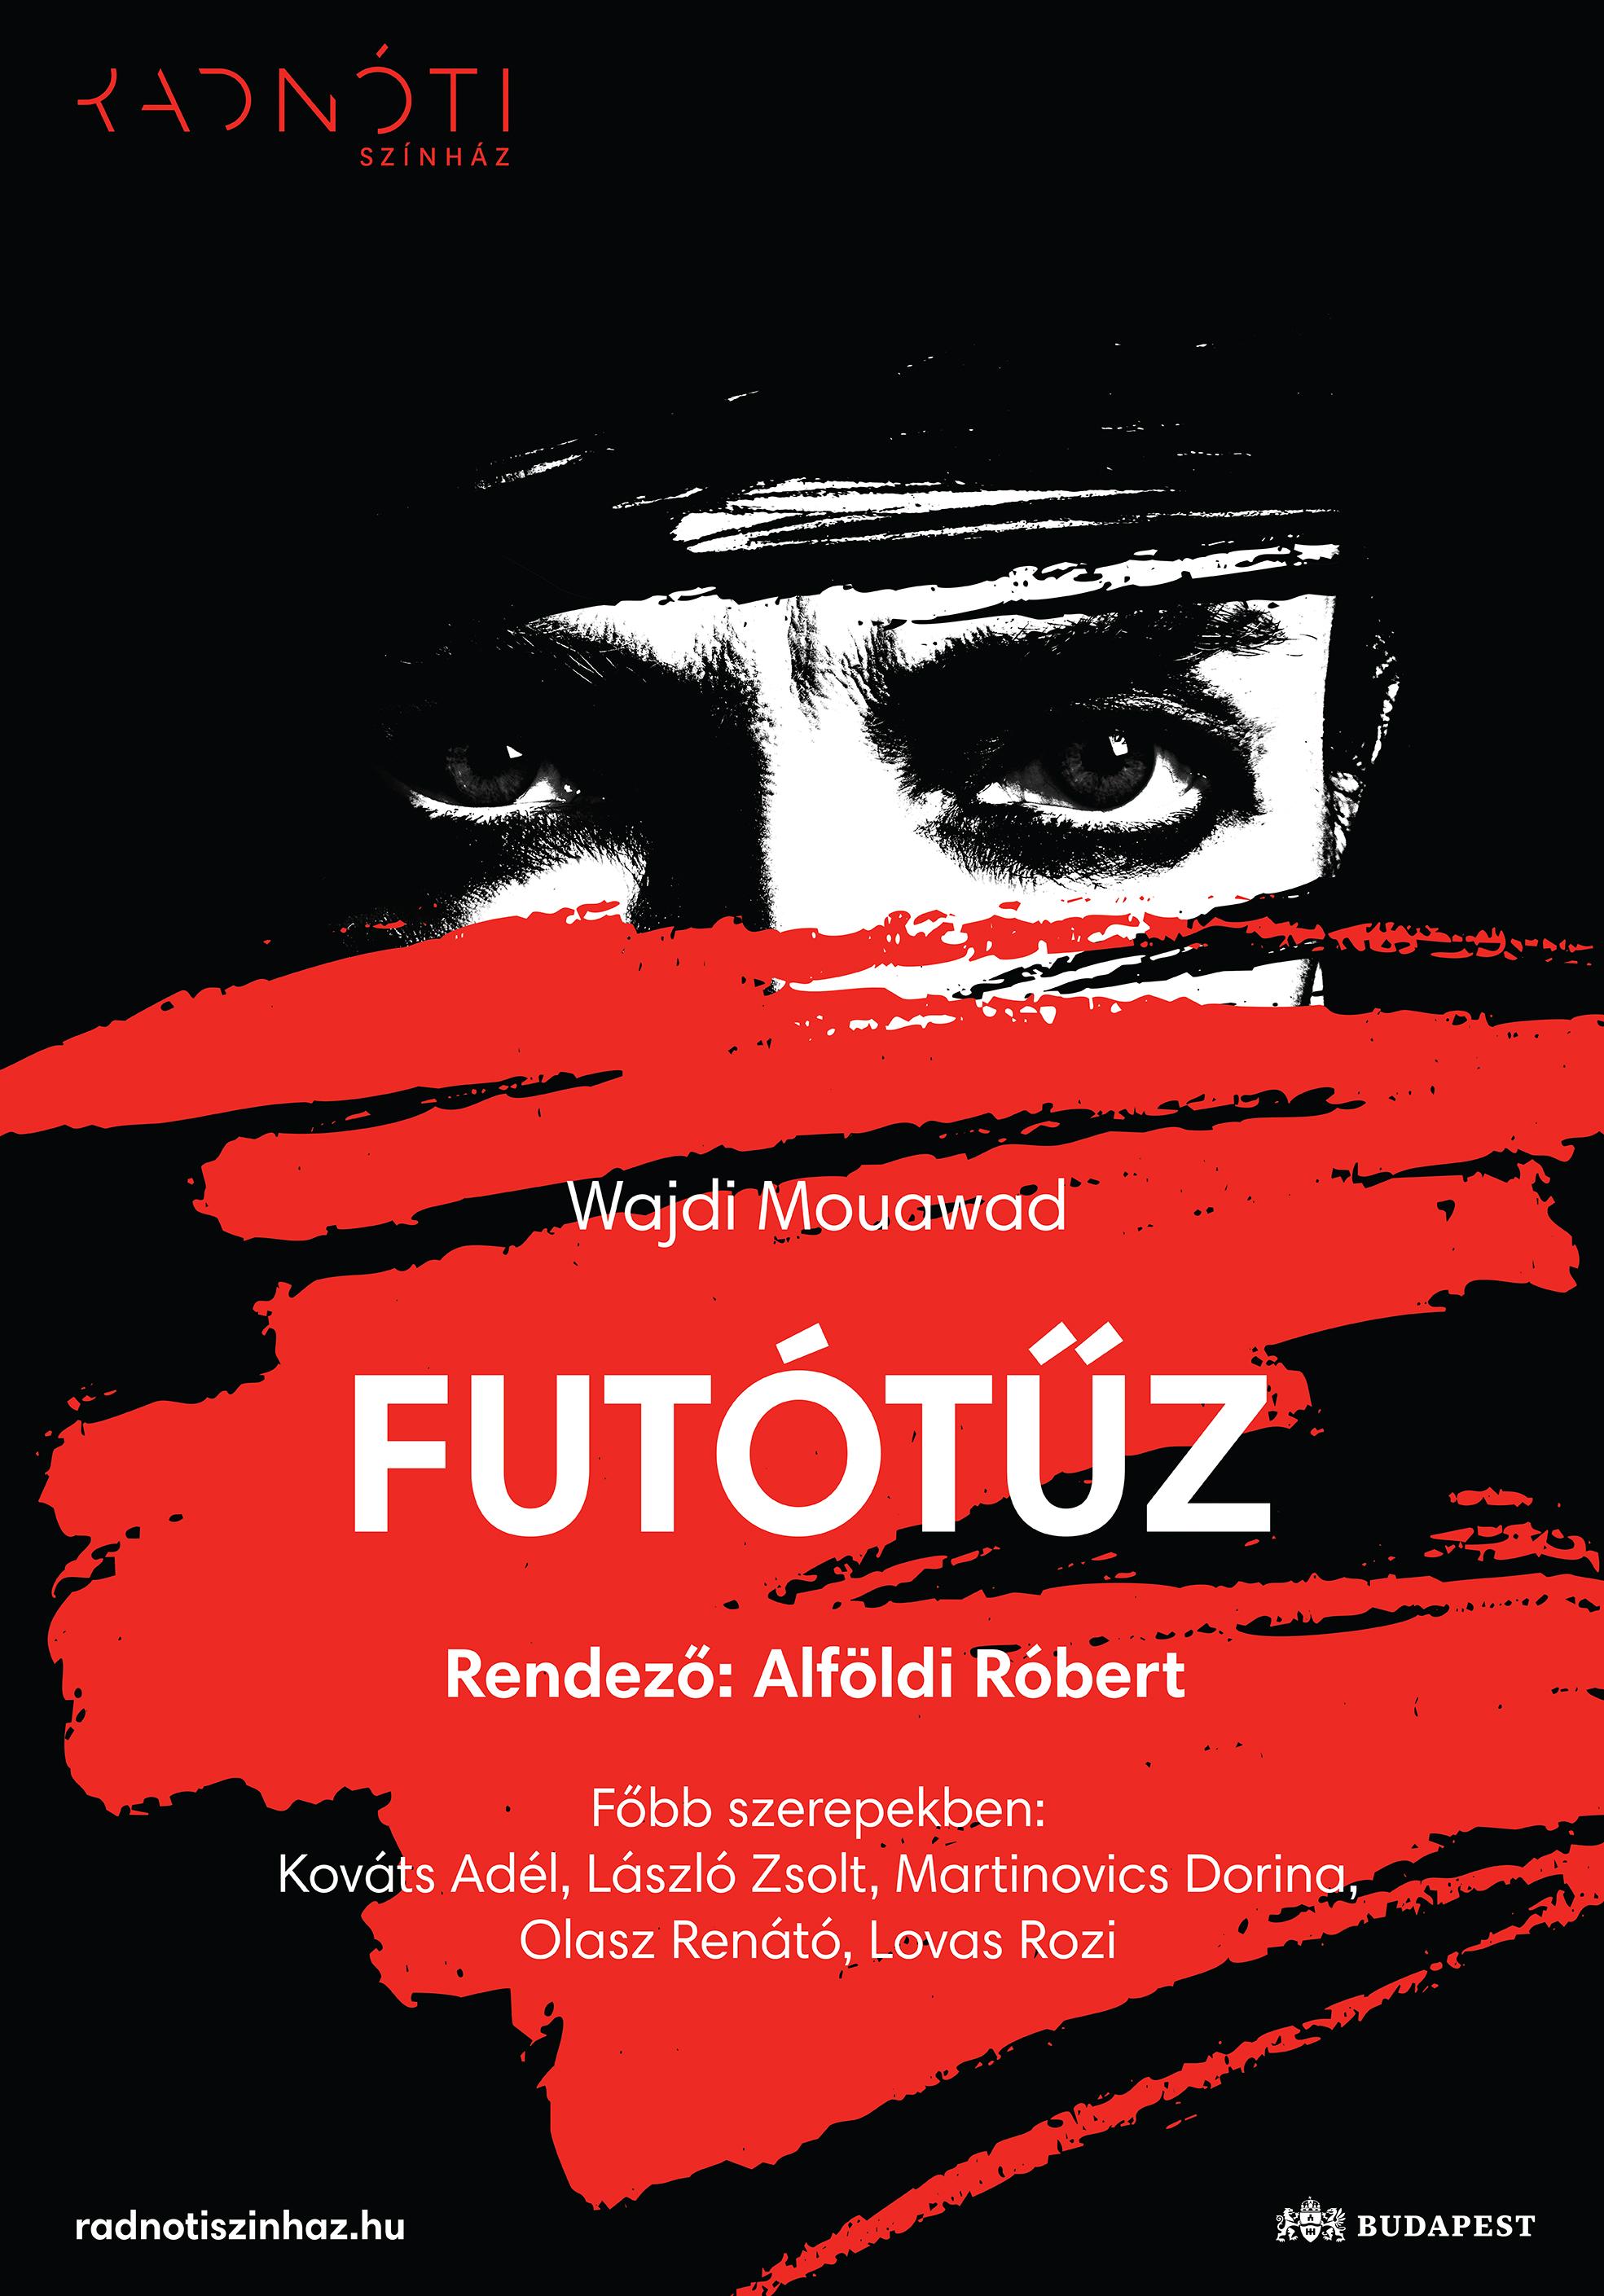 futotuz_plak_web.jpg